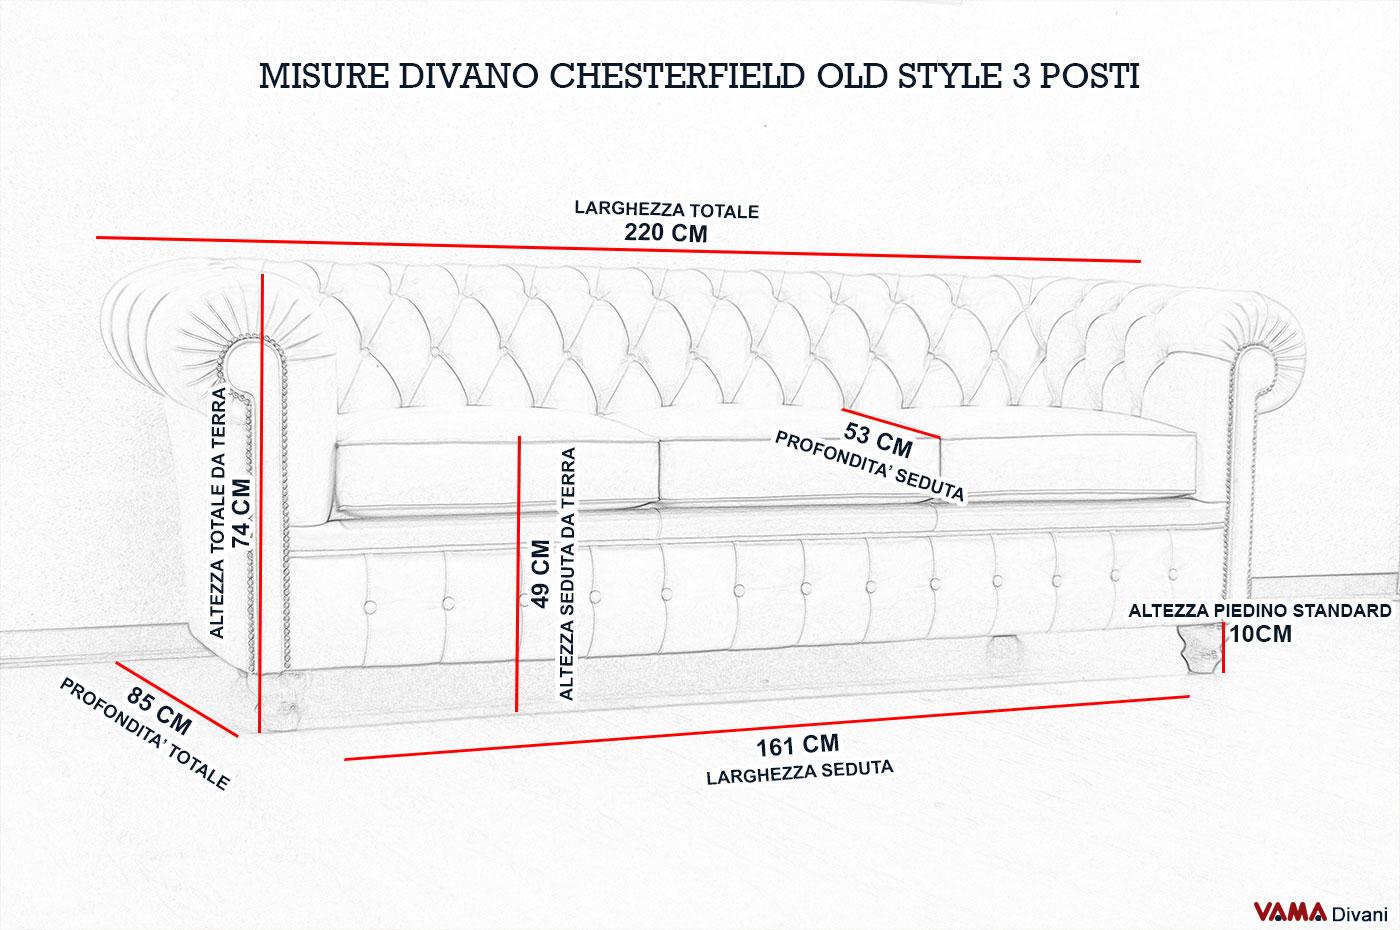 Divano chesterfield vintage con chiodi e piedini alti for Misure divani angolari 3 posti